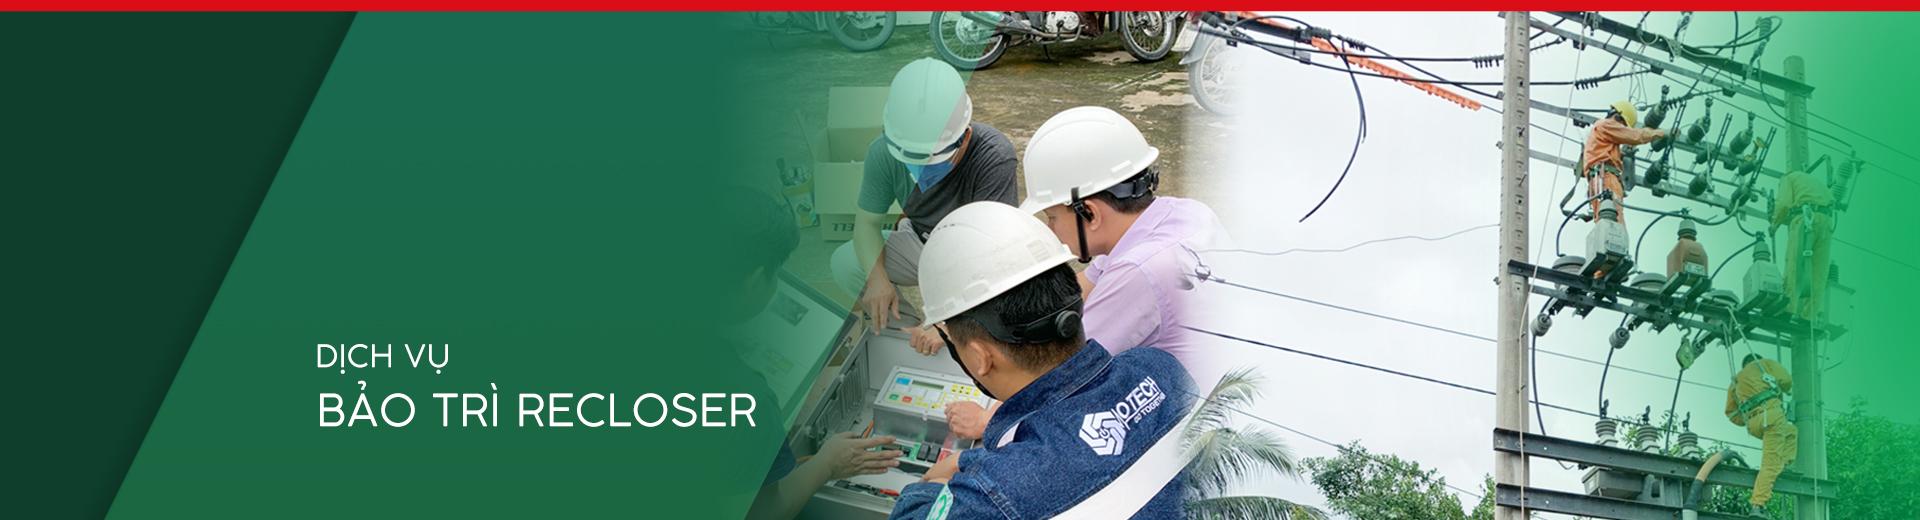 Cover dịch vụ bảo trì recloser Otech